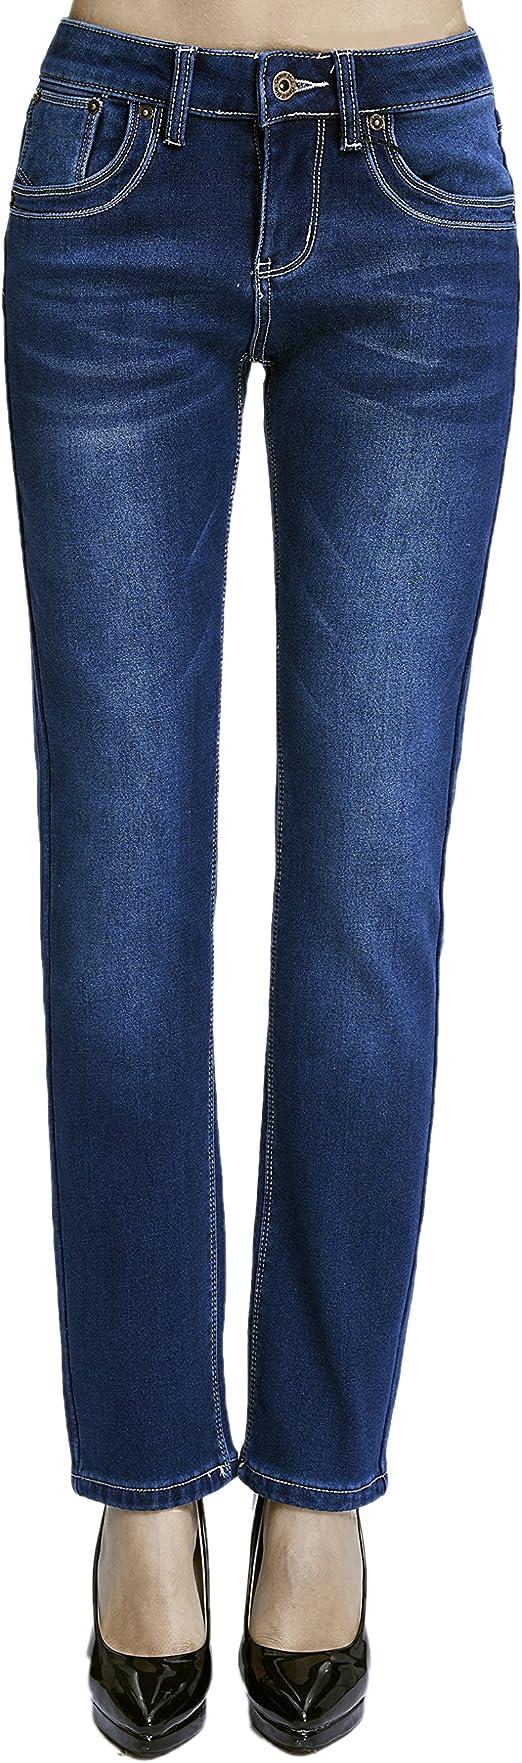 Image ofCamii Mia Pantalones Vaqueros Térmicos con Forro Polar de Invierno Slim Fit para Mujer